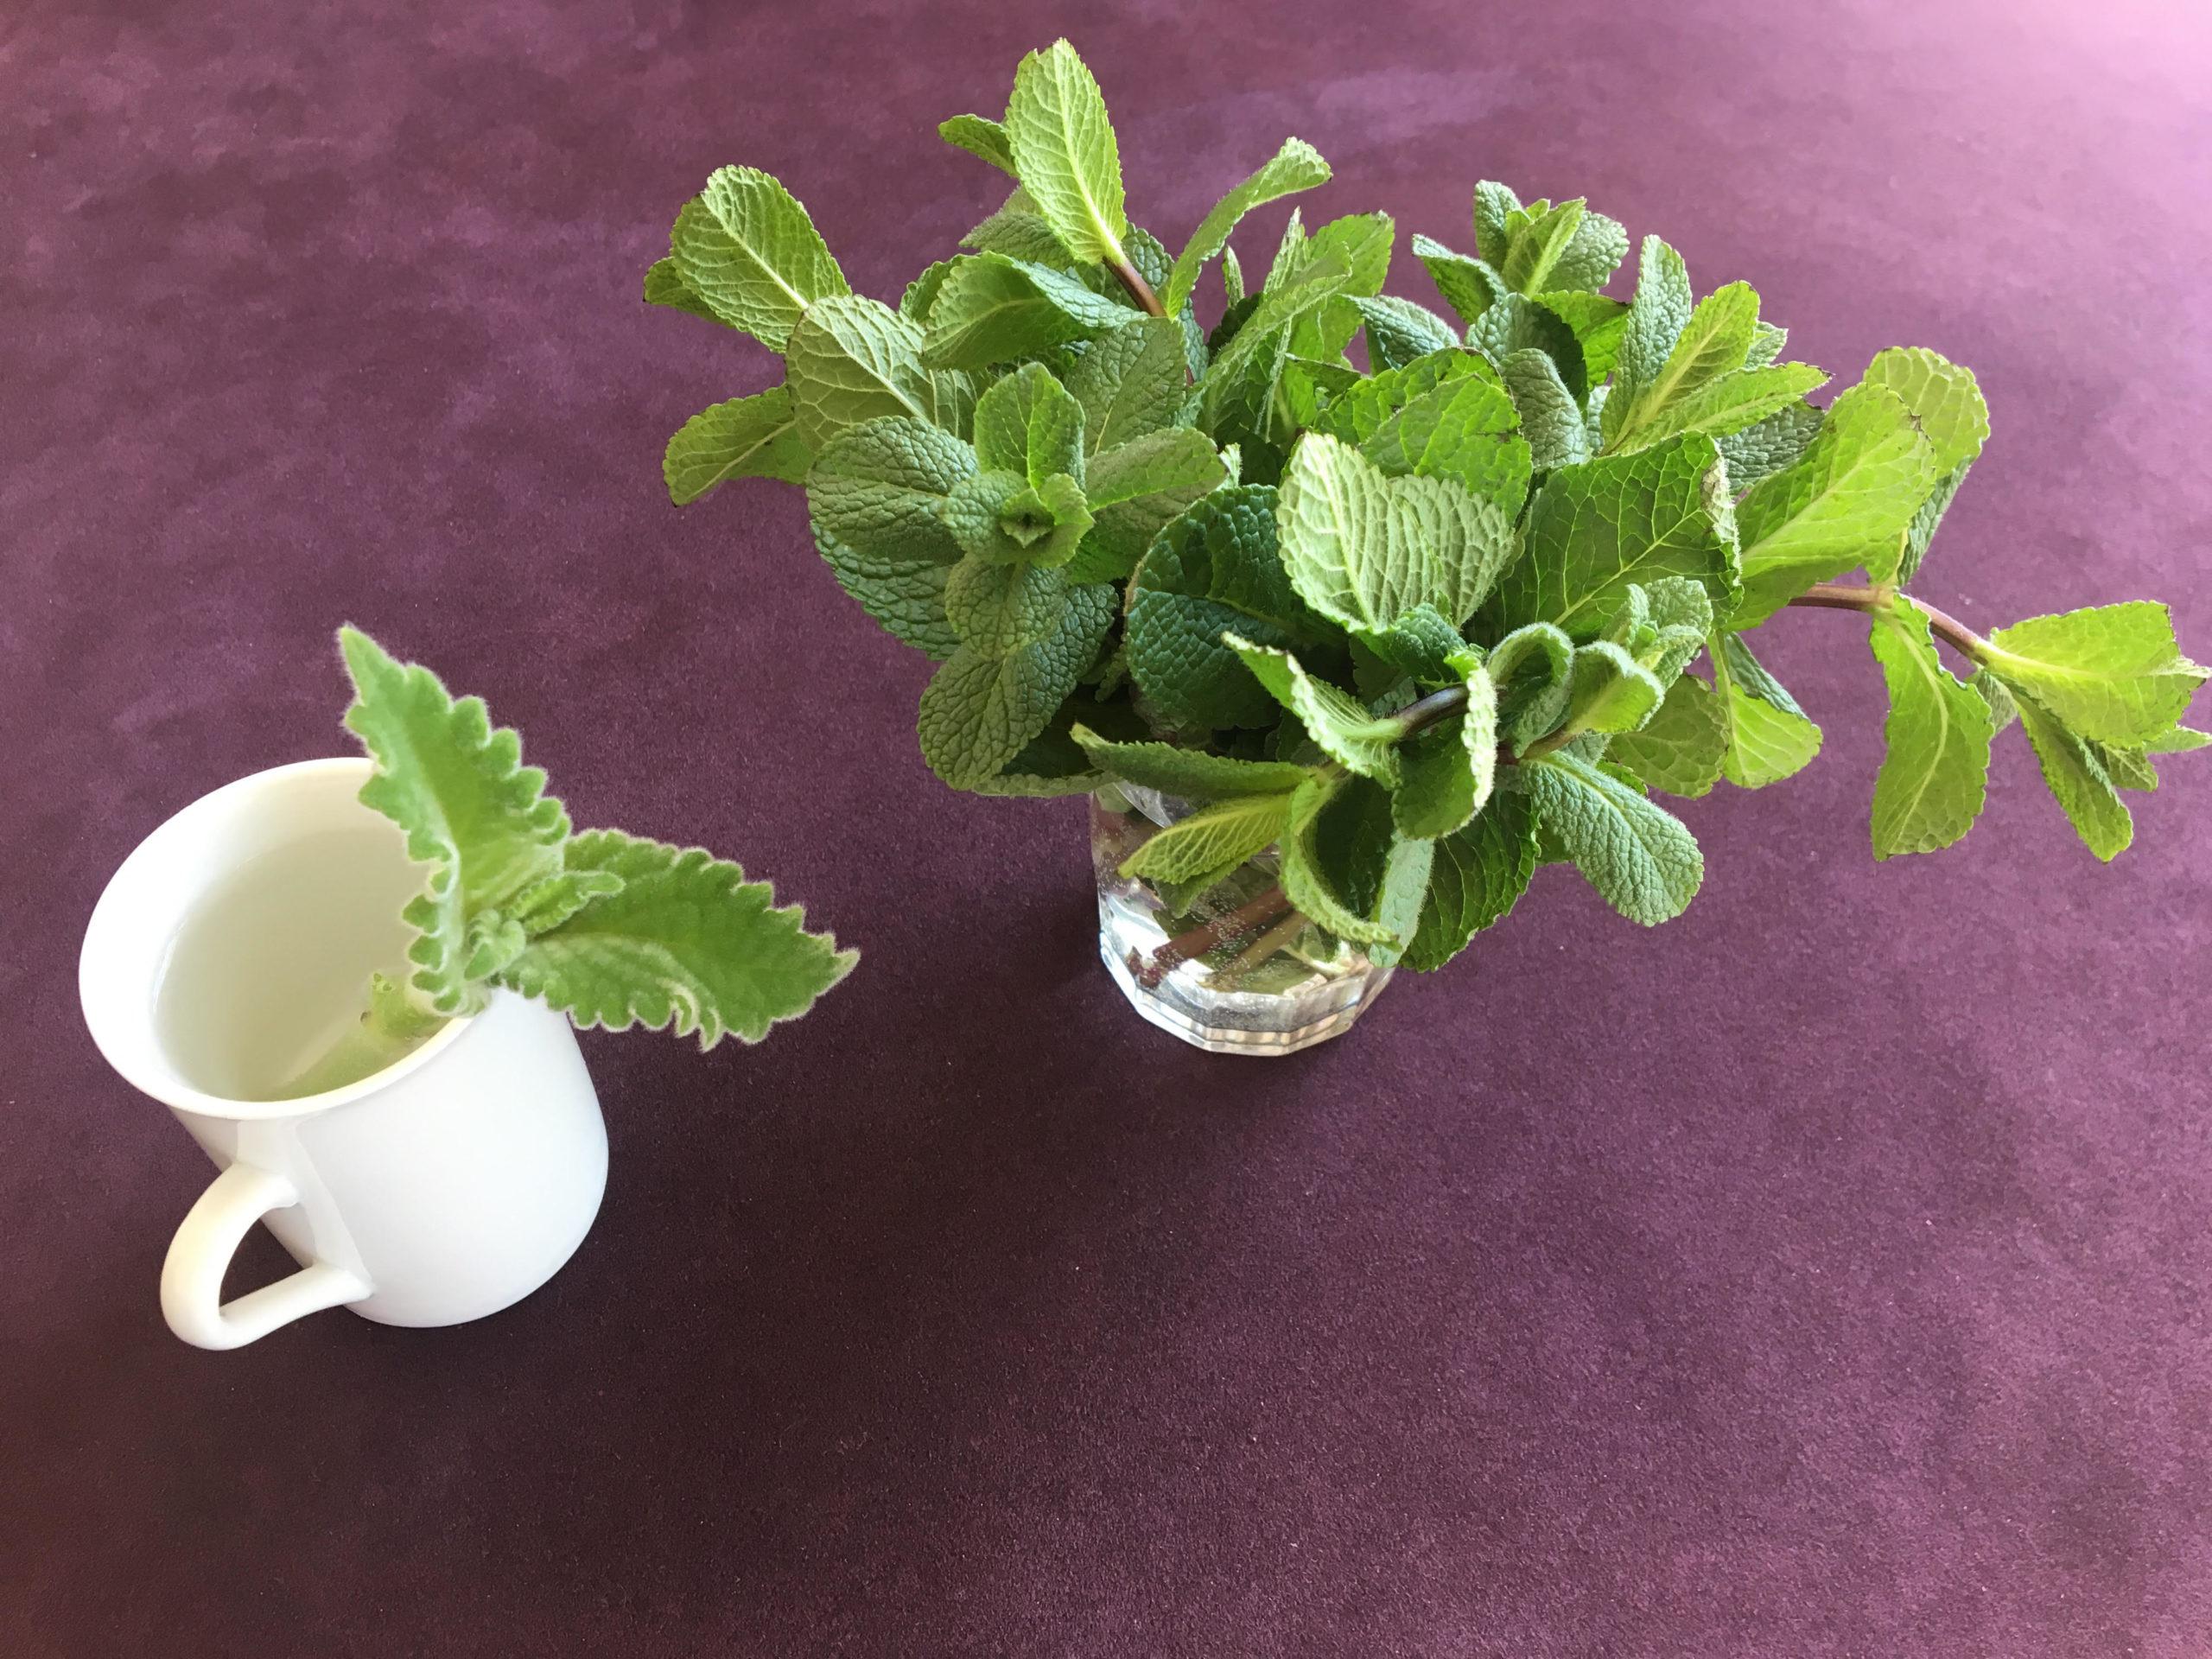 Kräuter in der Wohnung: Zitronenblattstecklingziehen und Minze im Wasserglas frischhalten